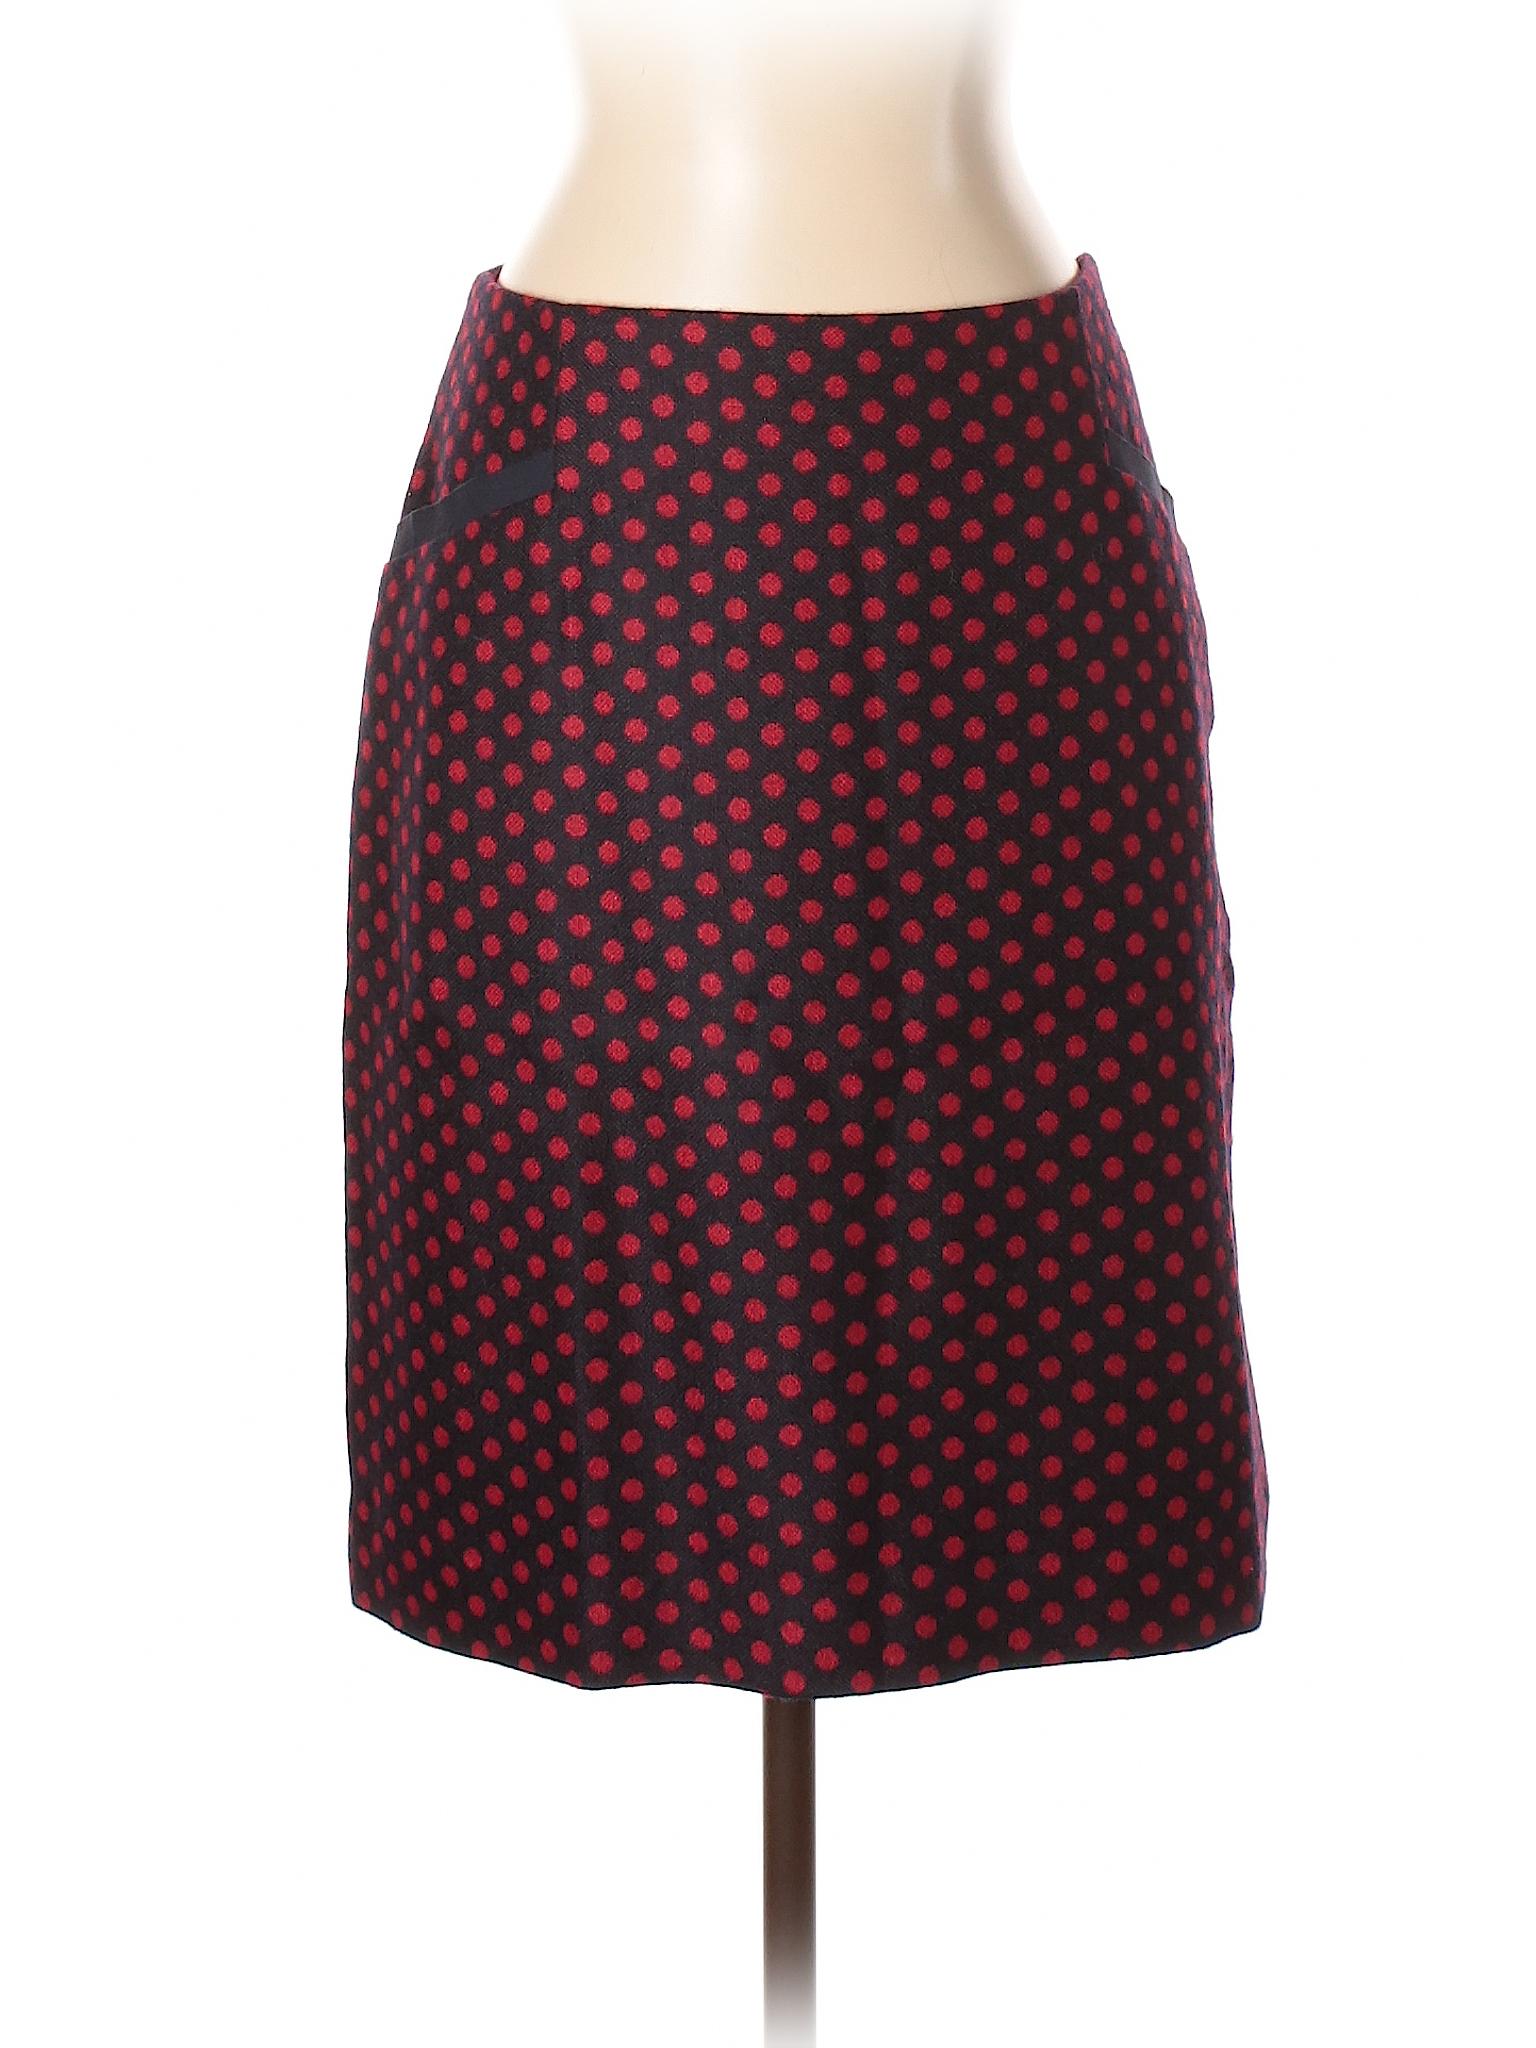 Boutique Skirt Casual Skirt Boutique Boutique Skirt Casual Boutique Casual Casual ar6aqwS7